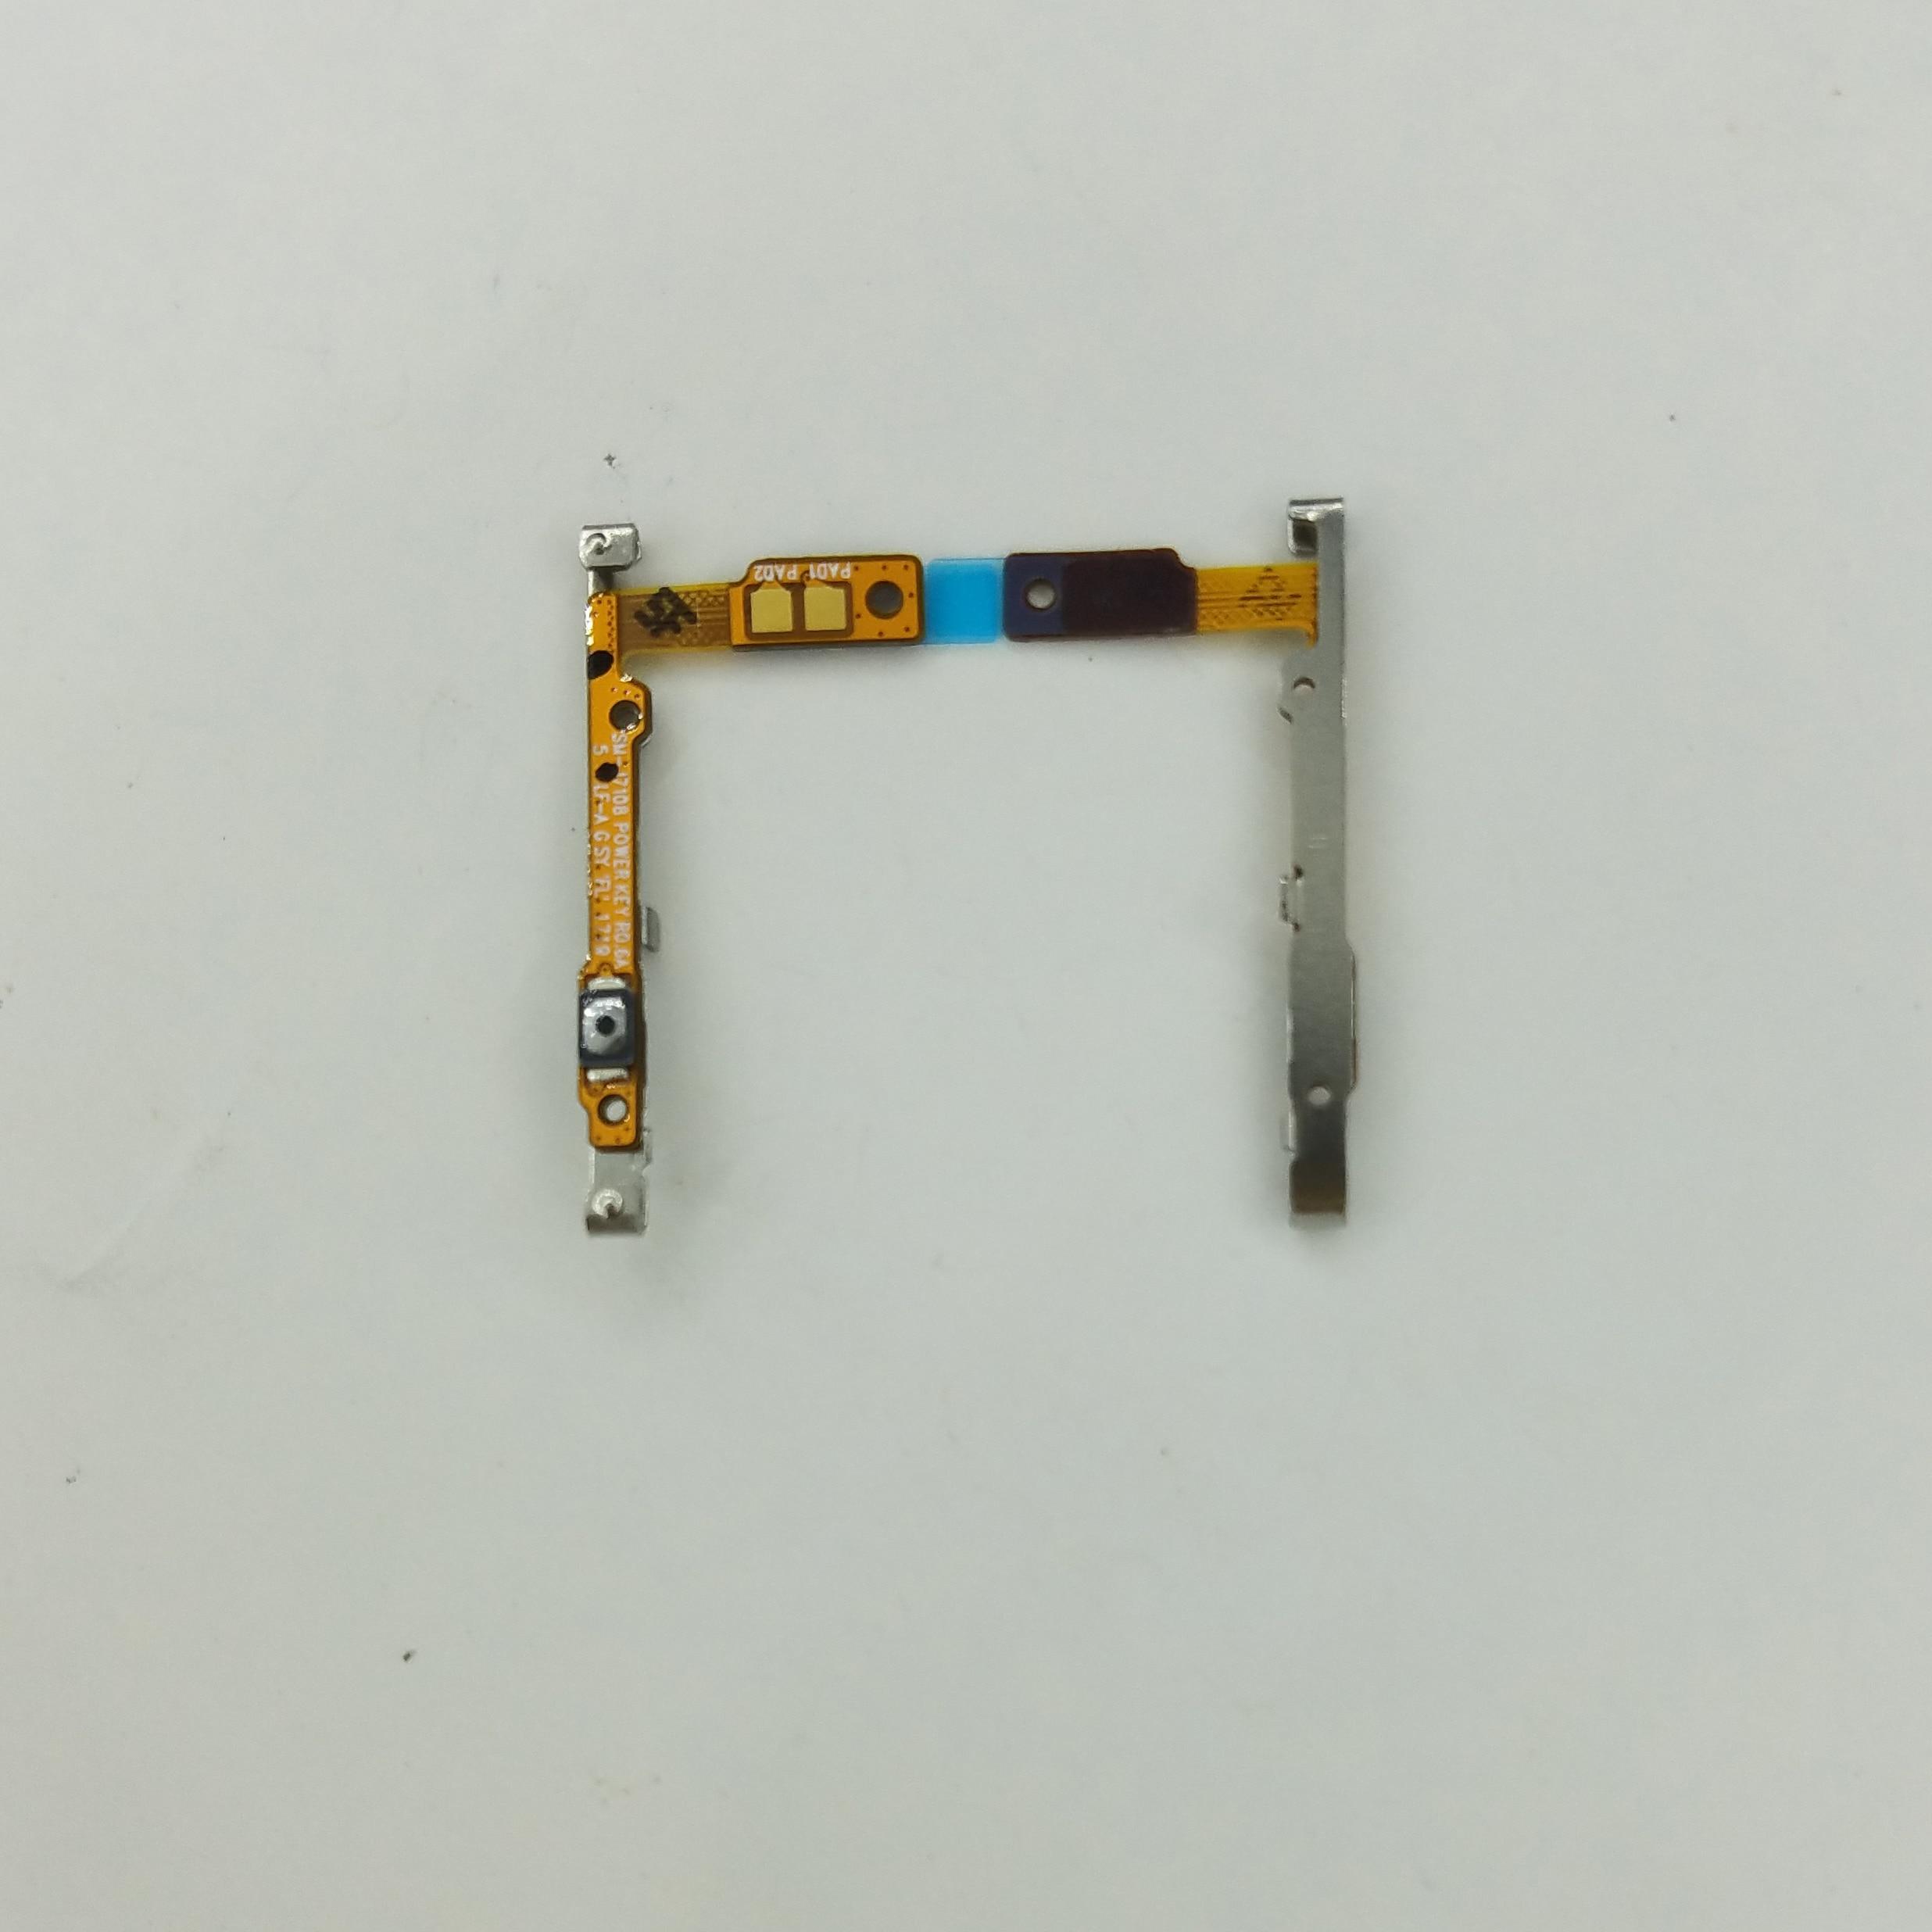 Para Samsung Galaxy J7 2016 j710 J710F J710FN J710H J710M J710G carcasa de teléfono Original nuevo botón de encendido On Off Key Flex Cable